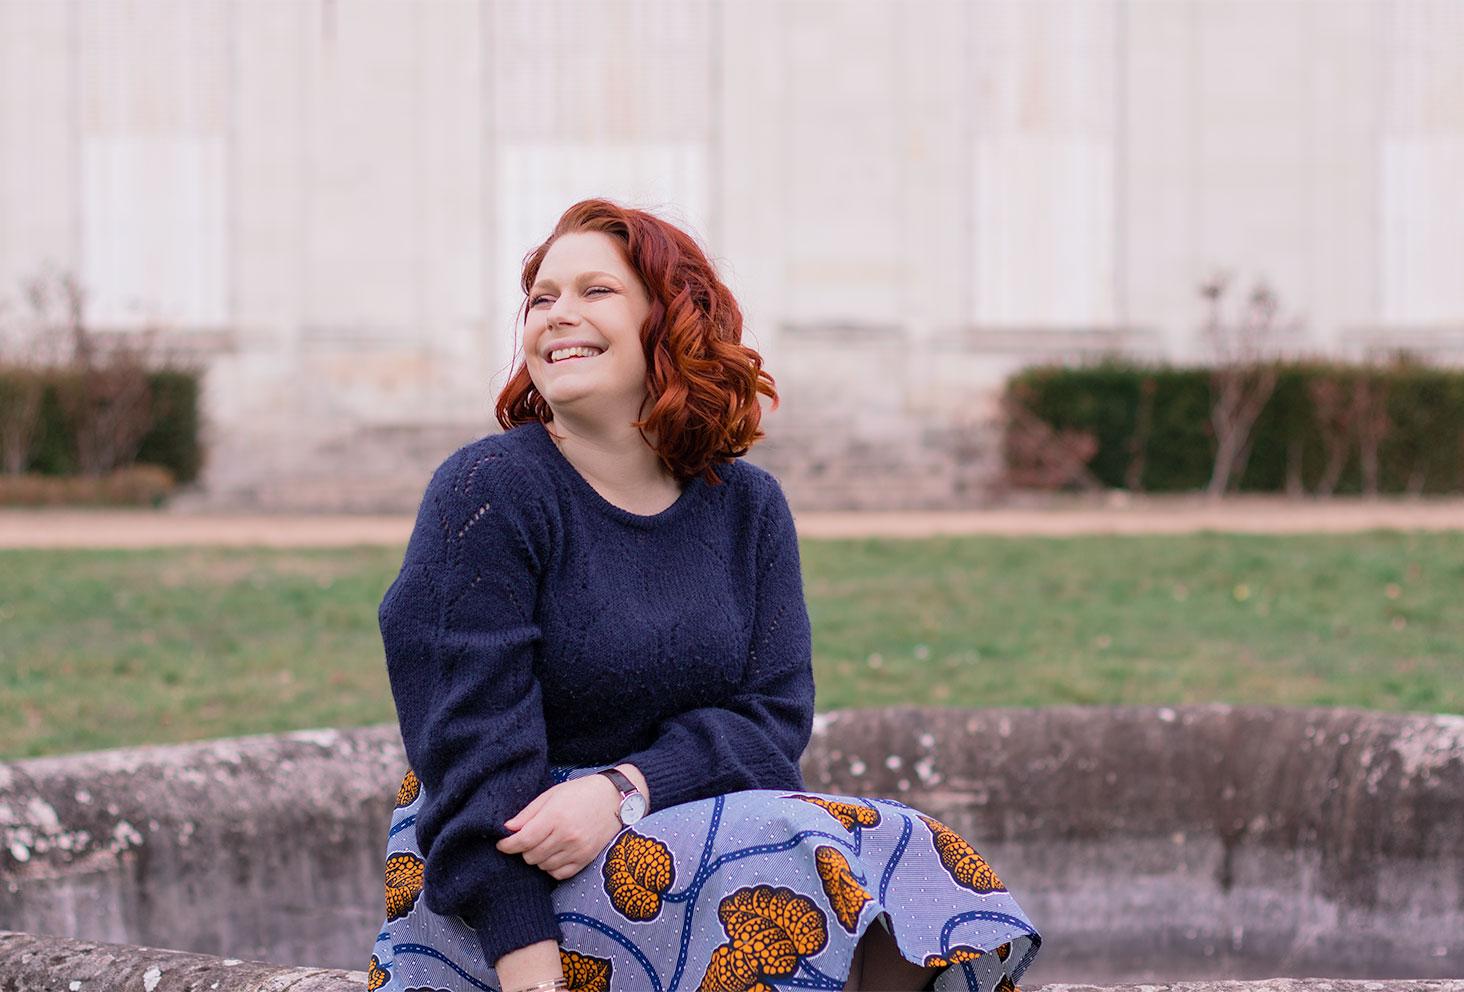 Assise sur le rebord d'une fontaine dans la cours d'un château, regarde de profil avec le sourire, en jupe WAX et pull en laine